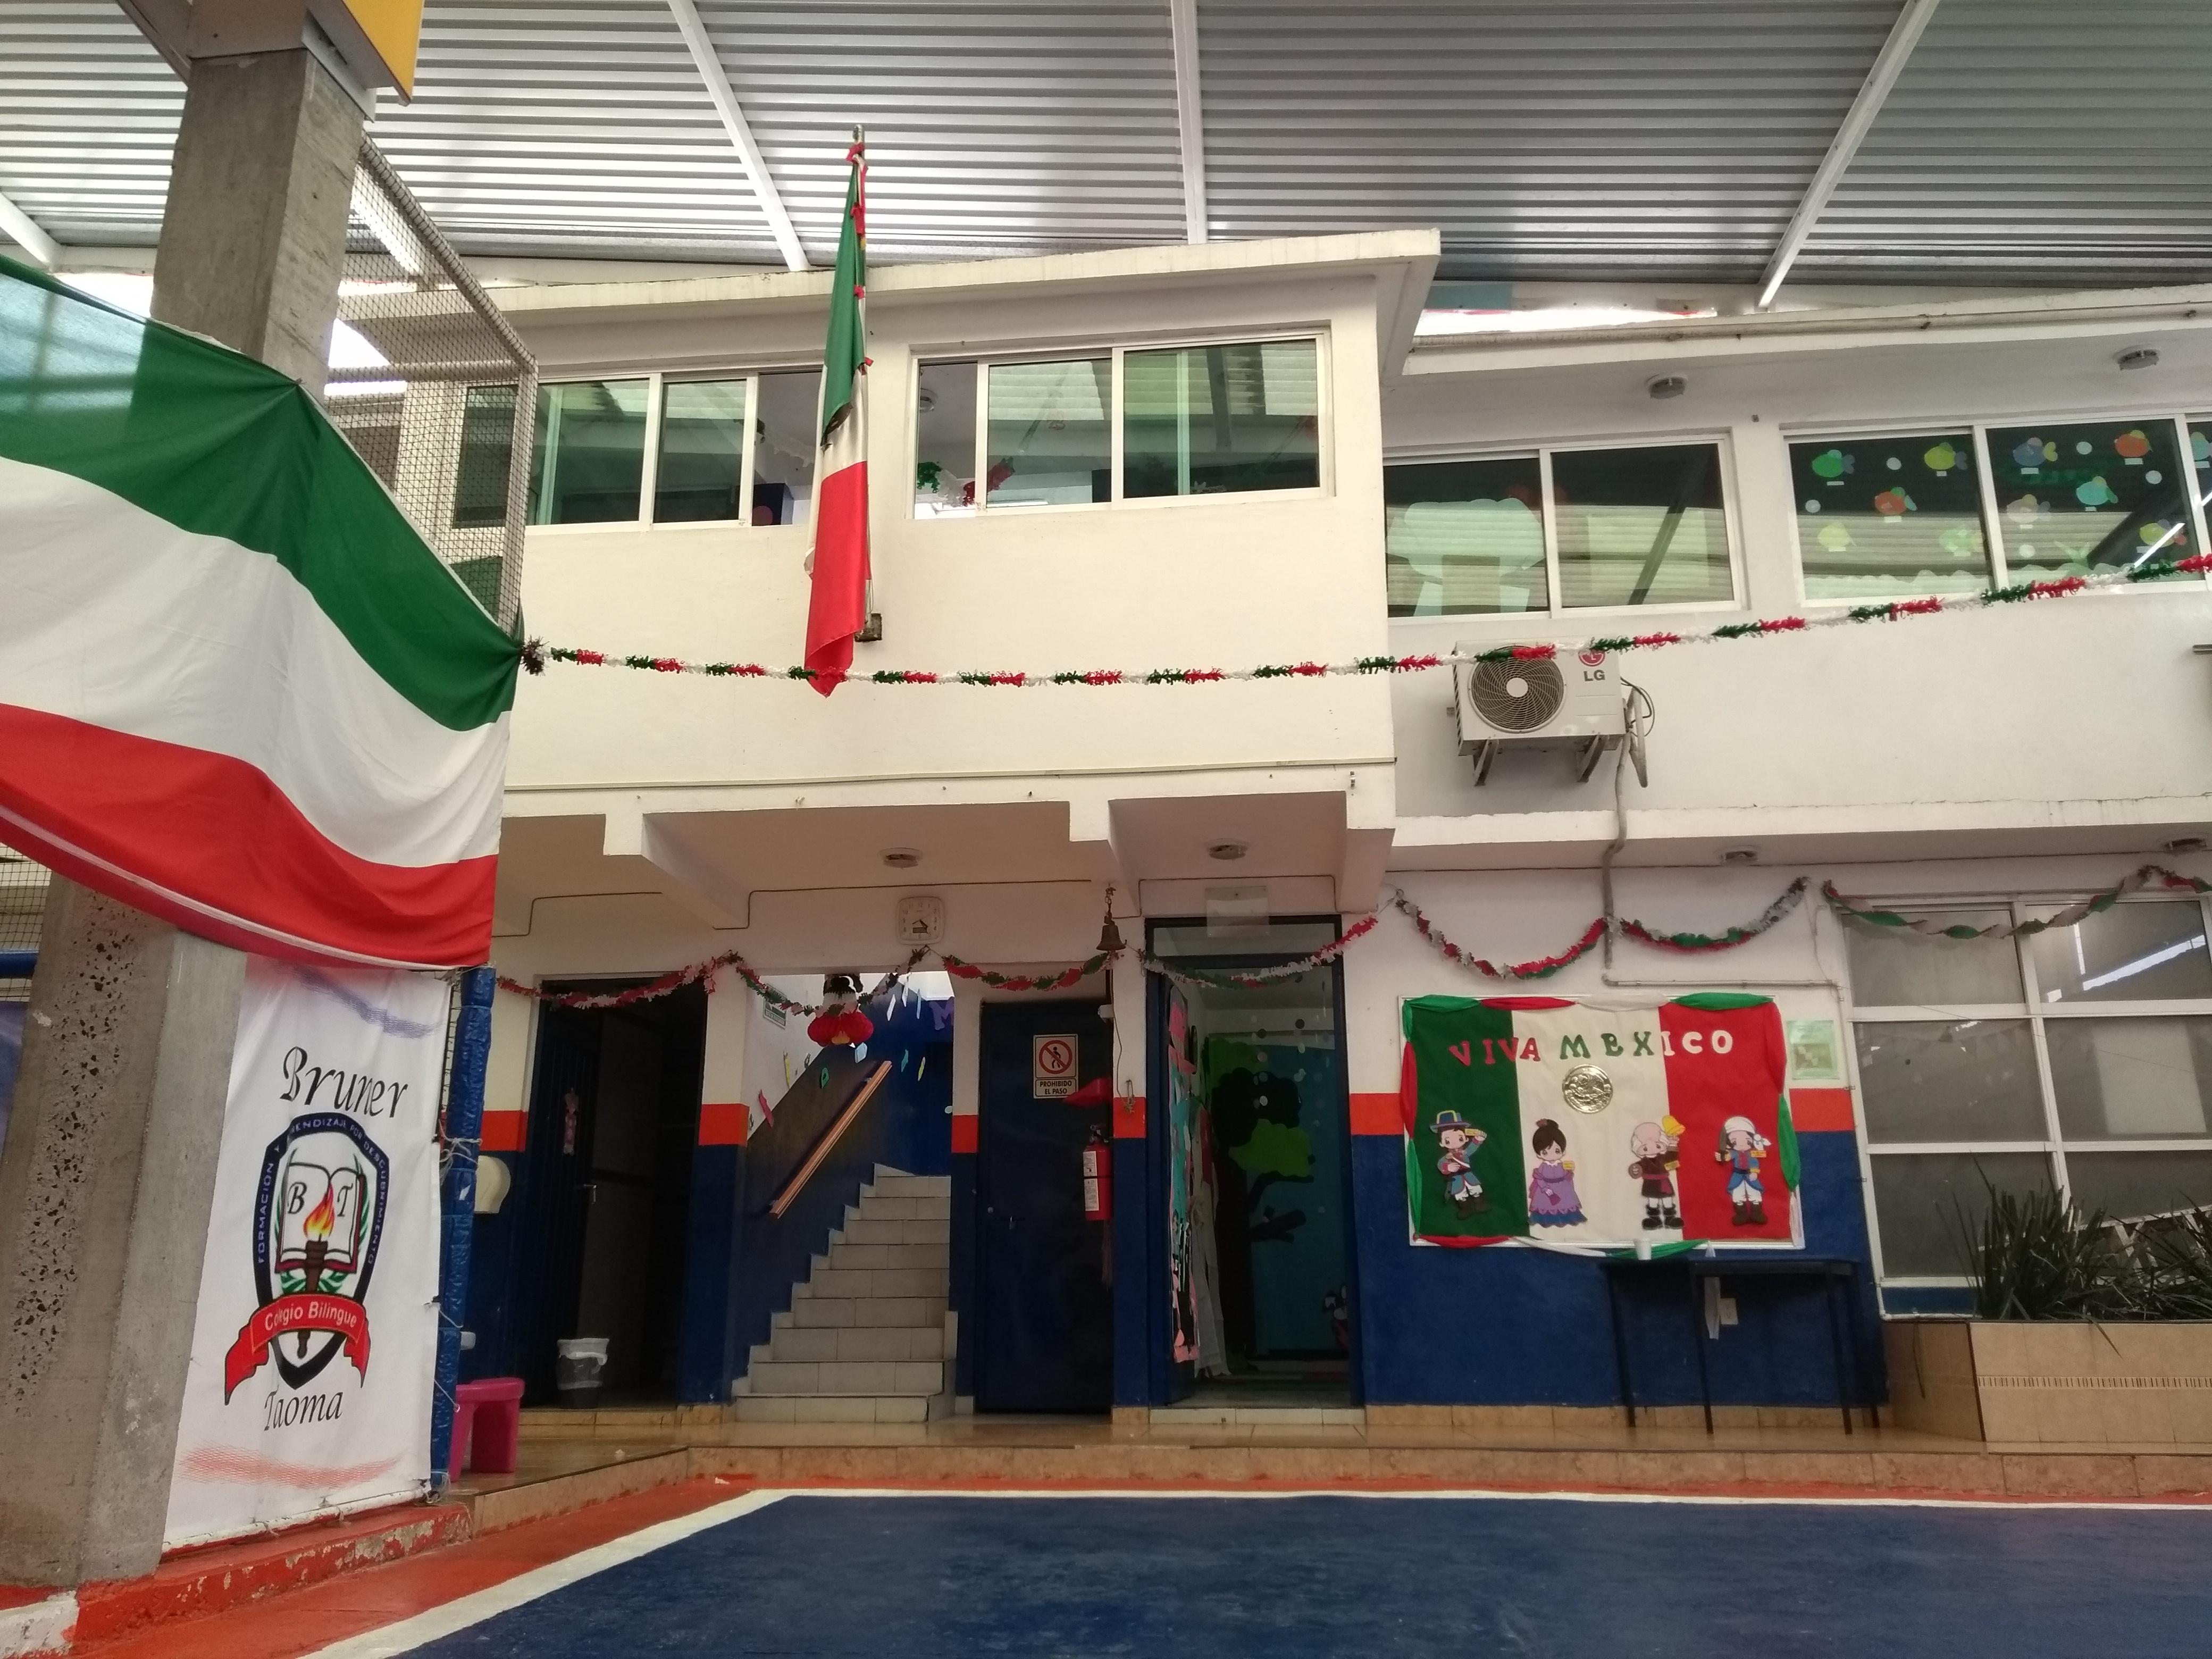 Colegio bilingue en venta o traspaso.